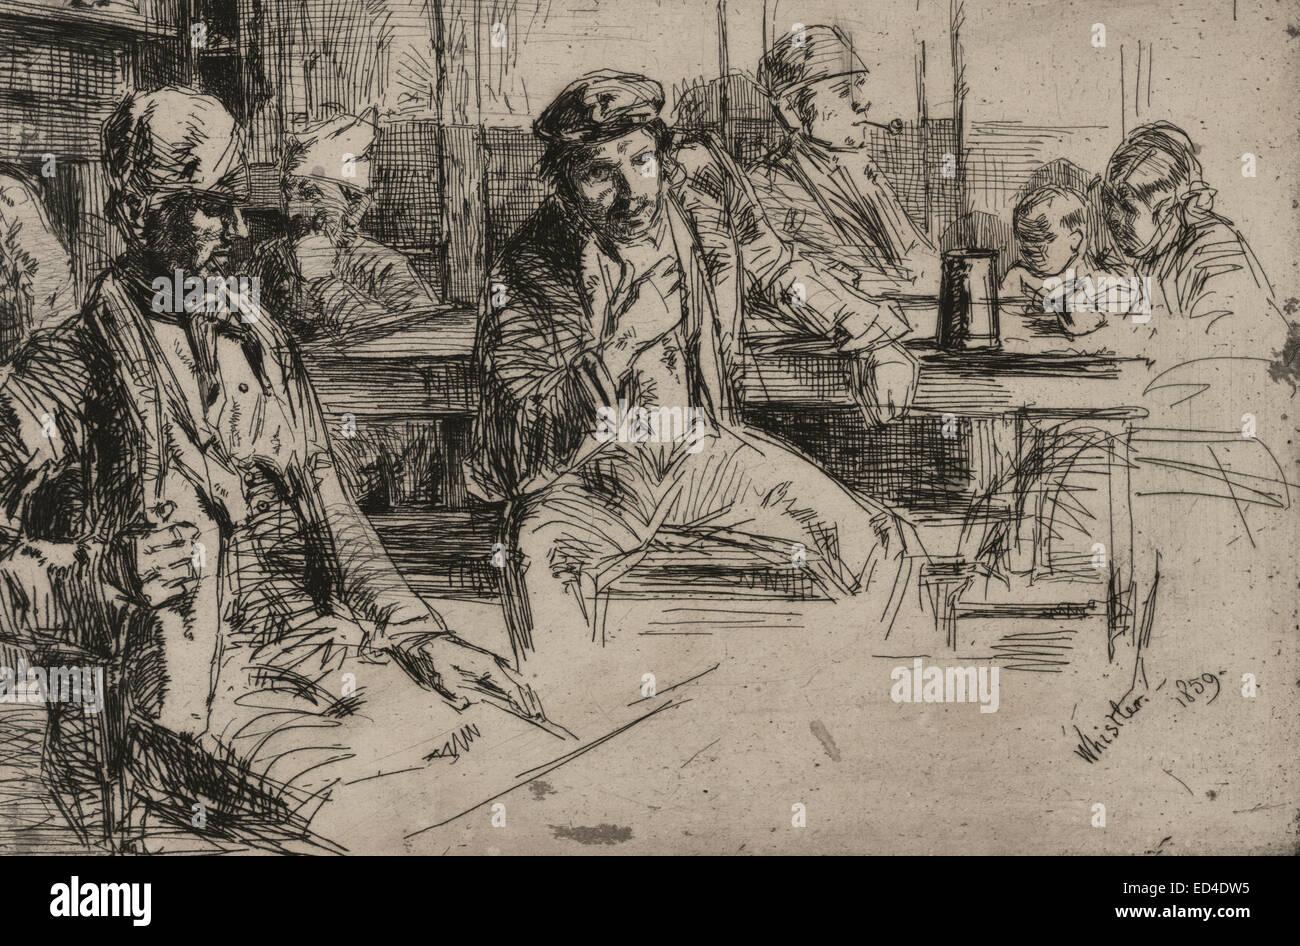 Longshoremen - James McNeill Whistler, 1859 - Stock Image